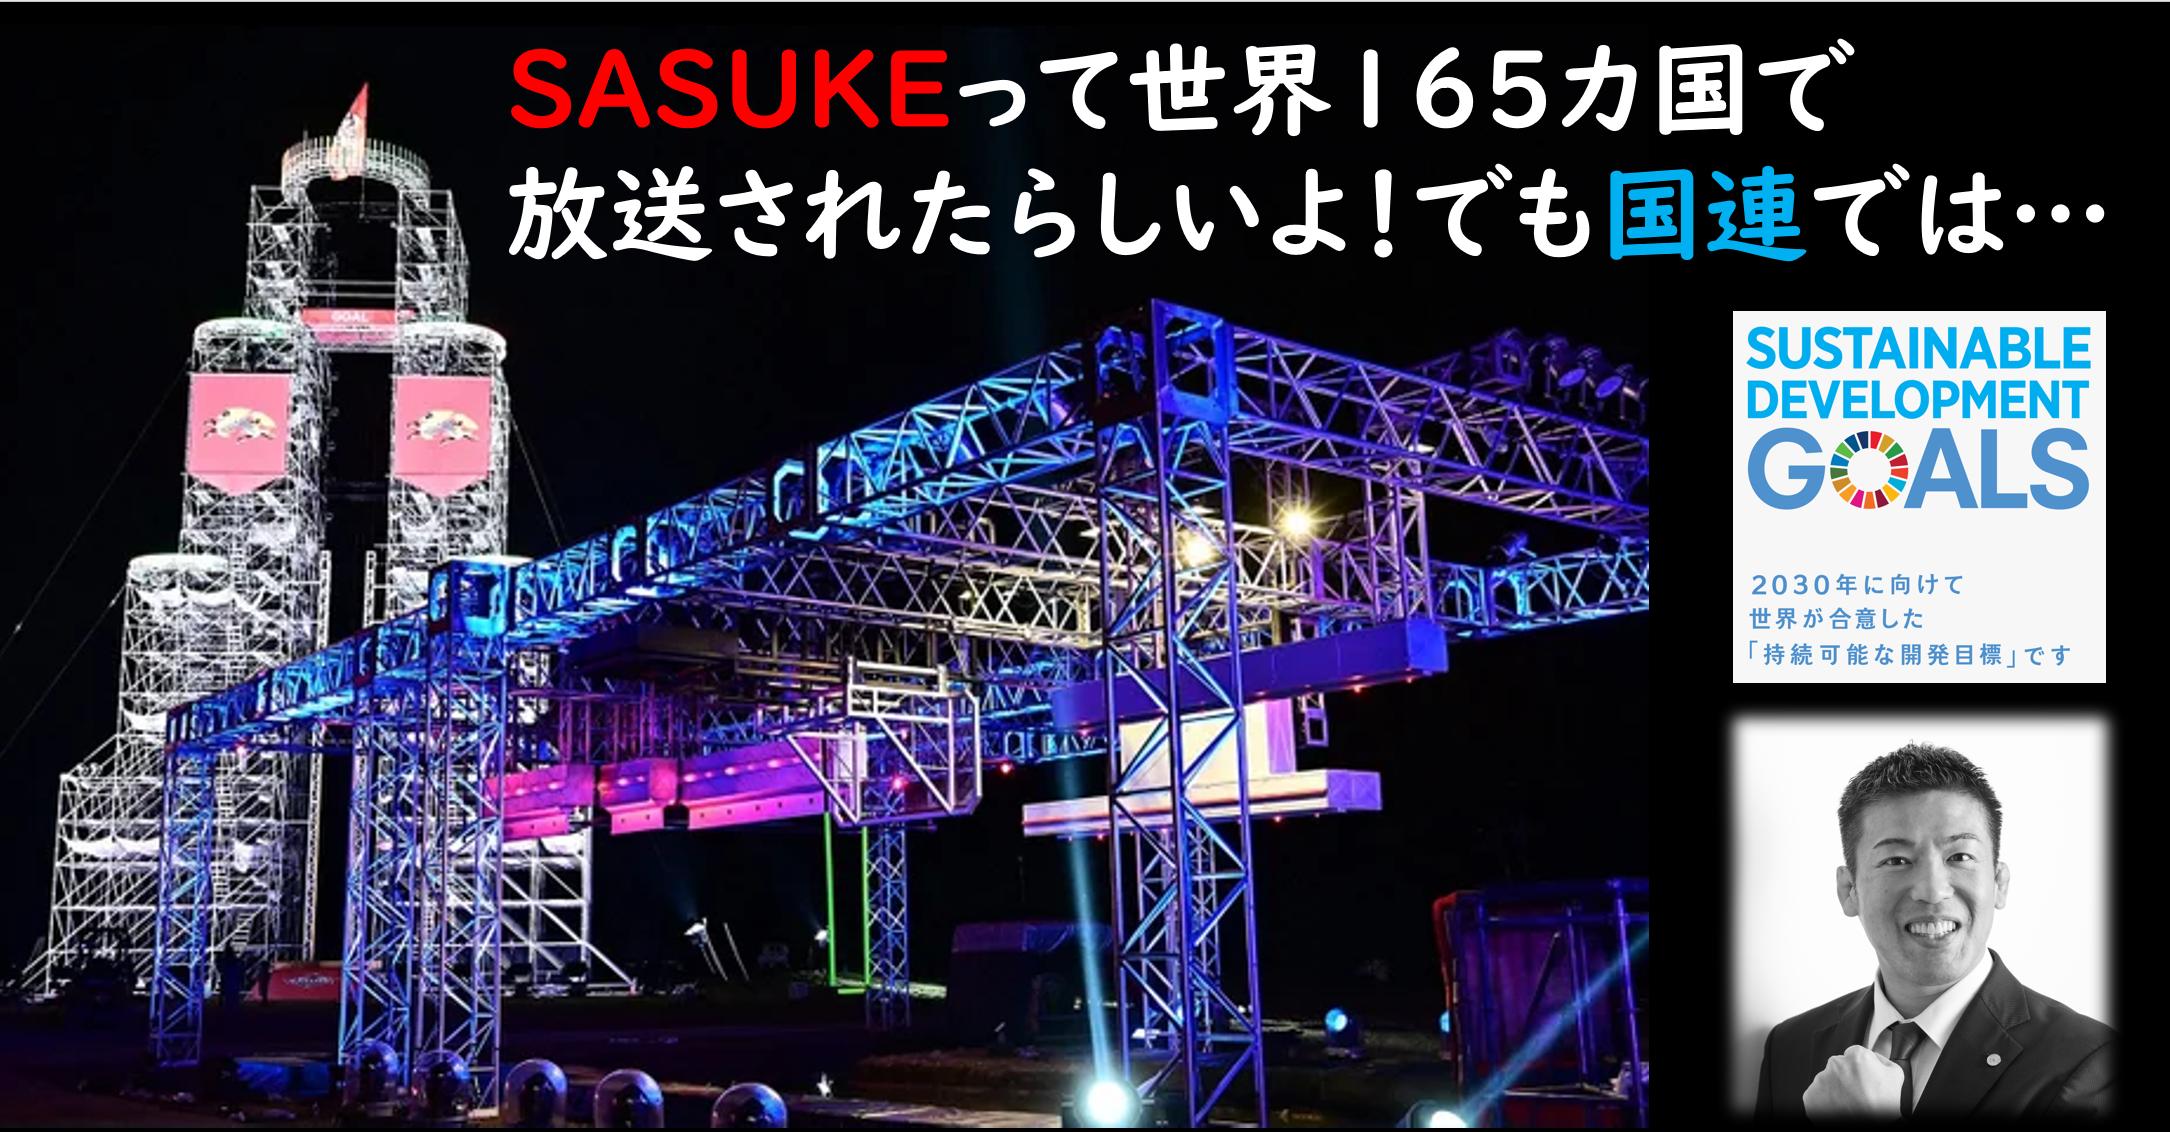 SASUKEとSDGs